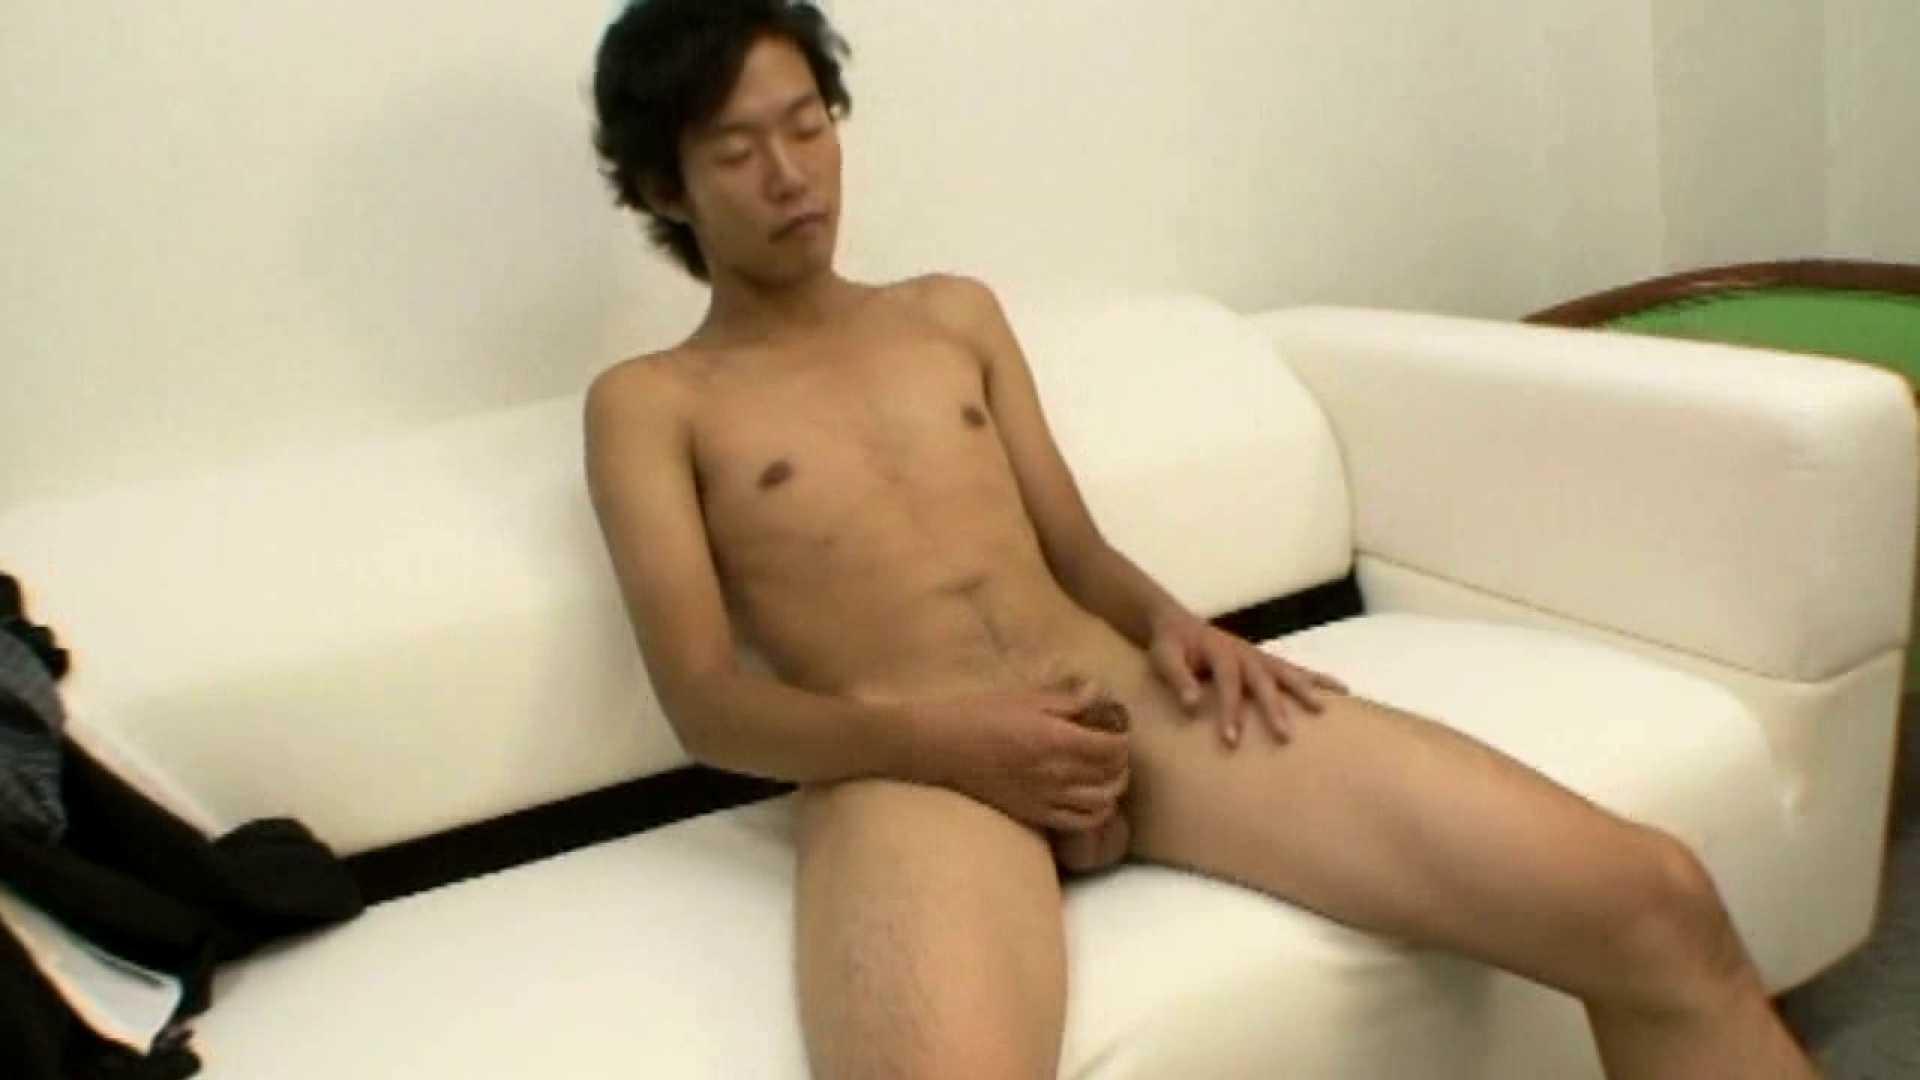 ノンケ!自慰スタジオ No.14 素人 ケツマンスケベ画像 114枚 82